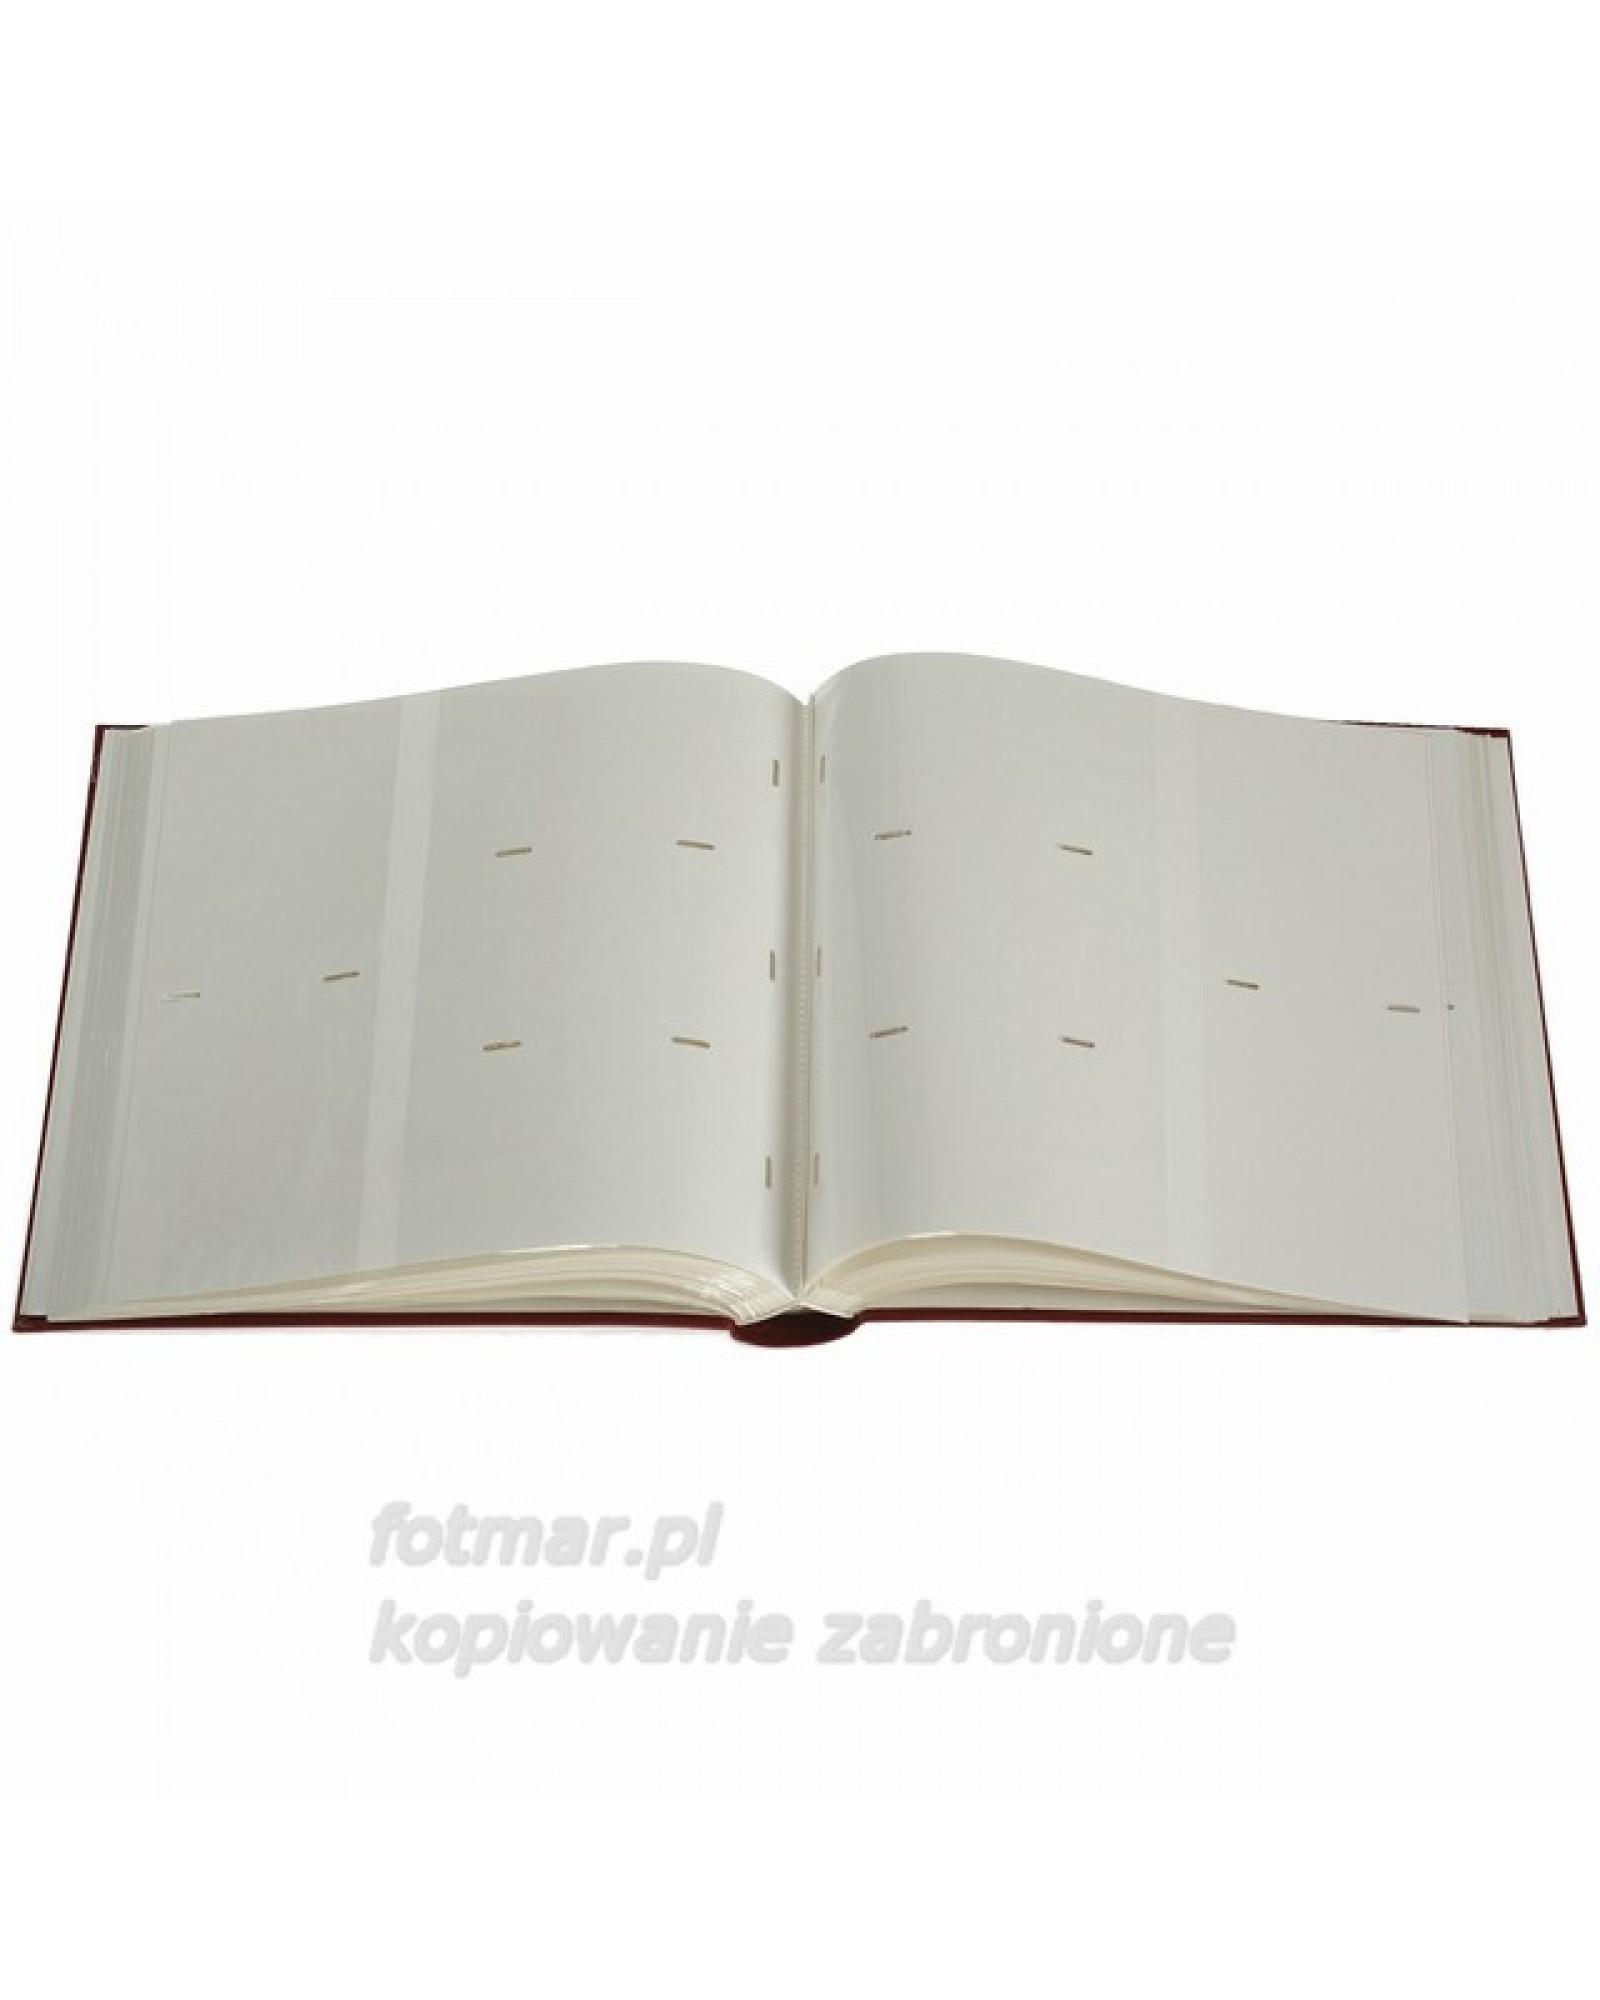 ALBUM NA 600 ZDJĘĆ 10X15 SZYTY CZERWONY KWIAT